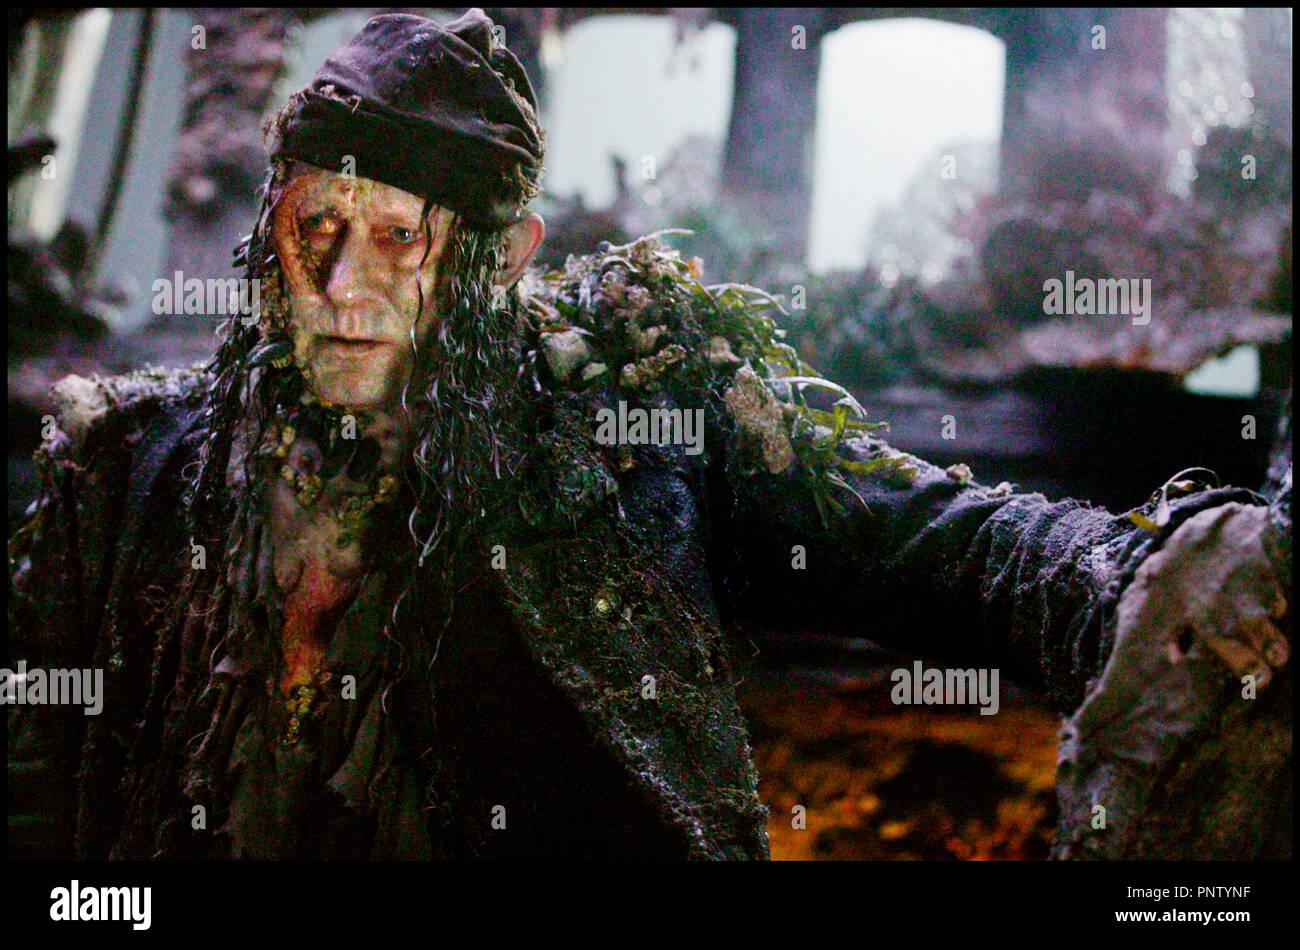 Stellan Skarsgard Pirates Of The Caribbean Stock Photos & Stellan